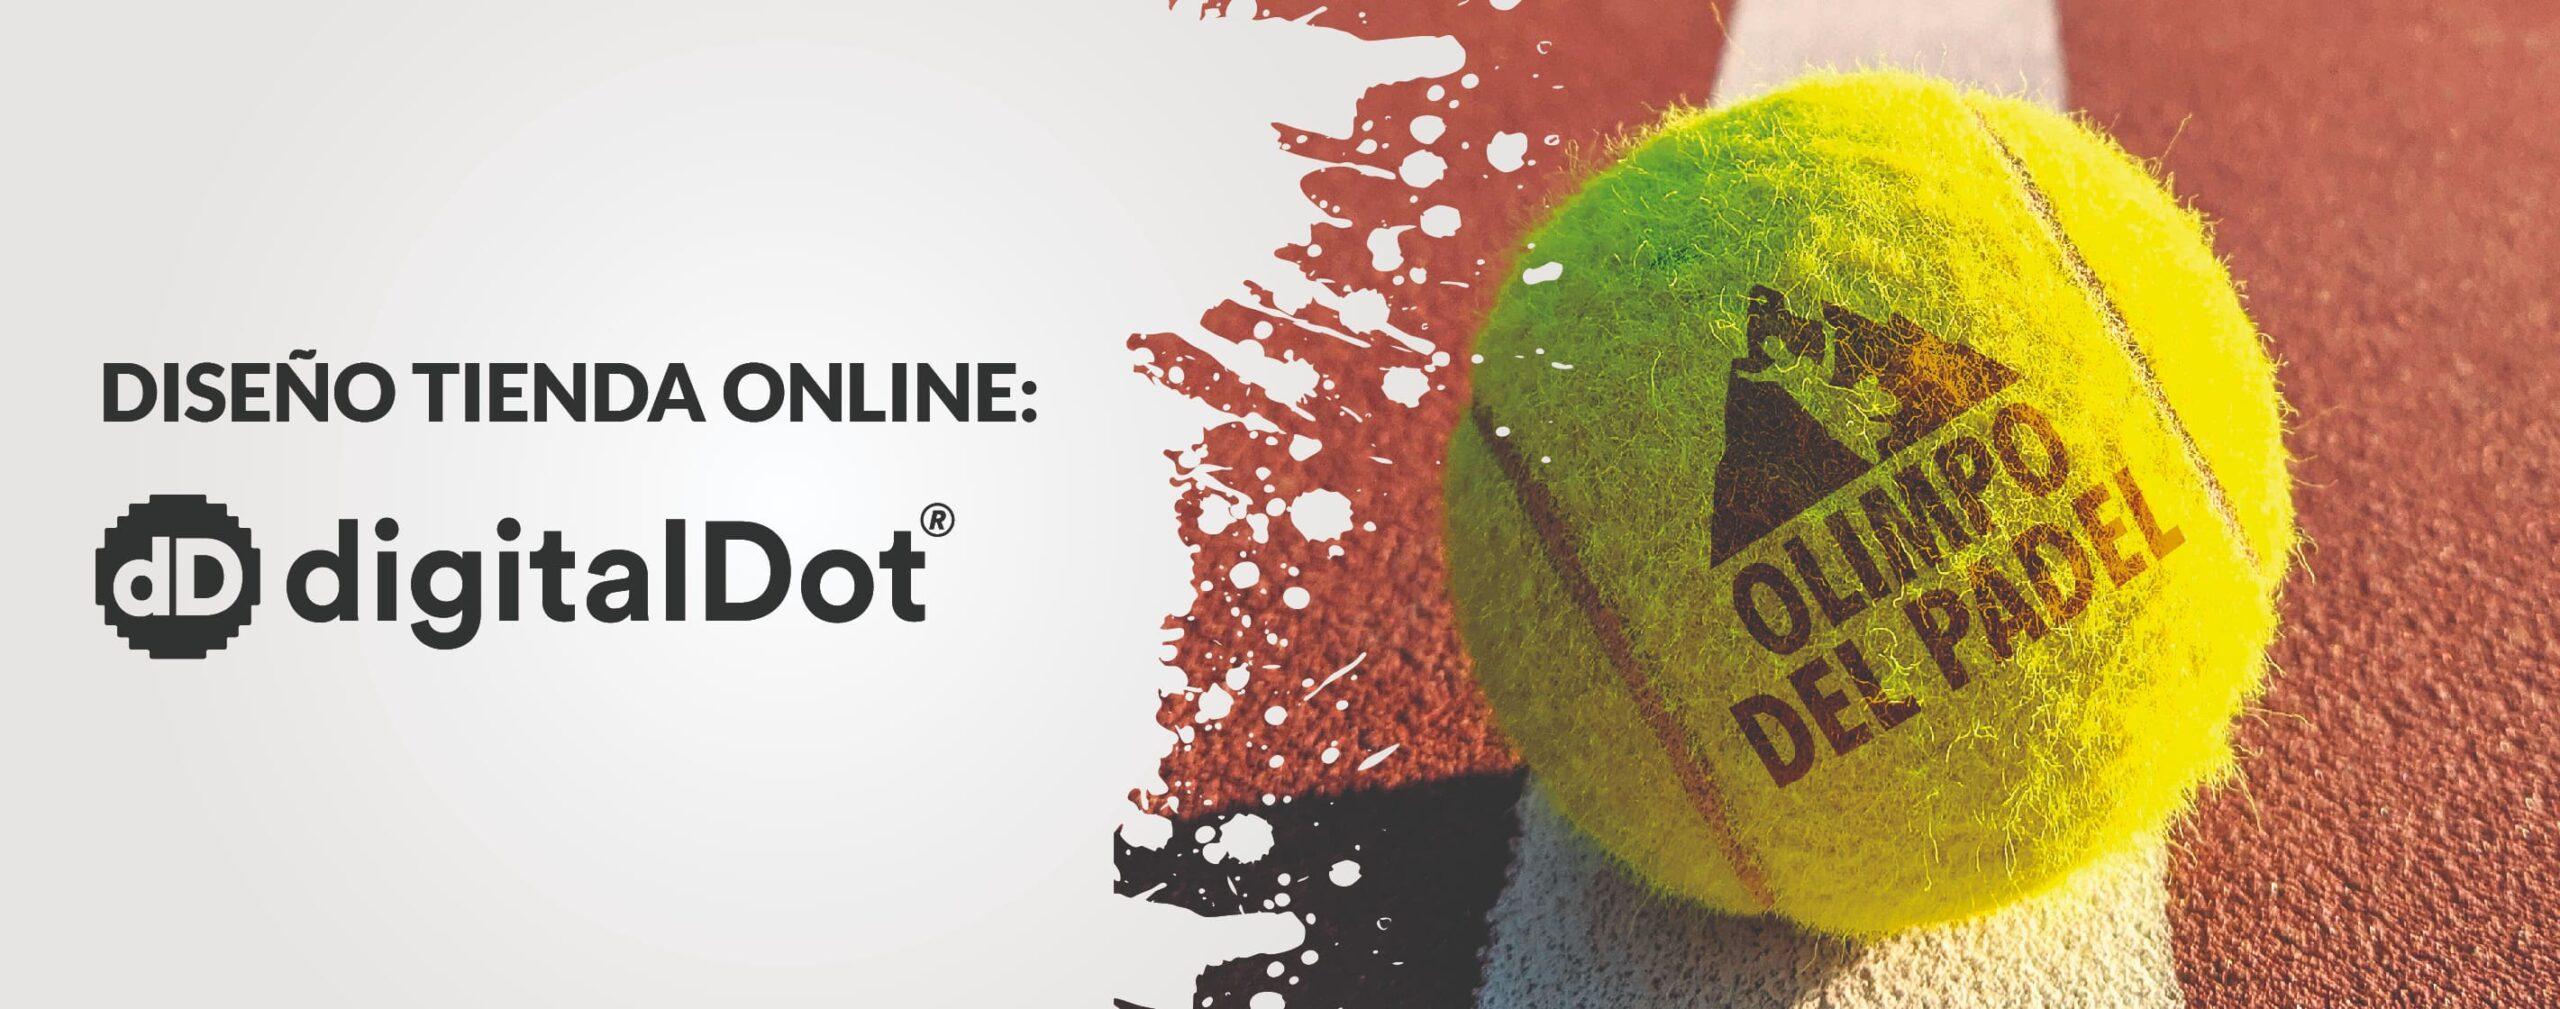 Diseño tienda online de pádel. digitalDot